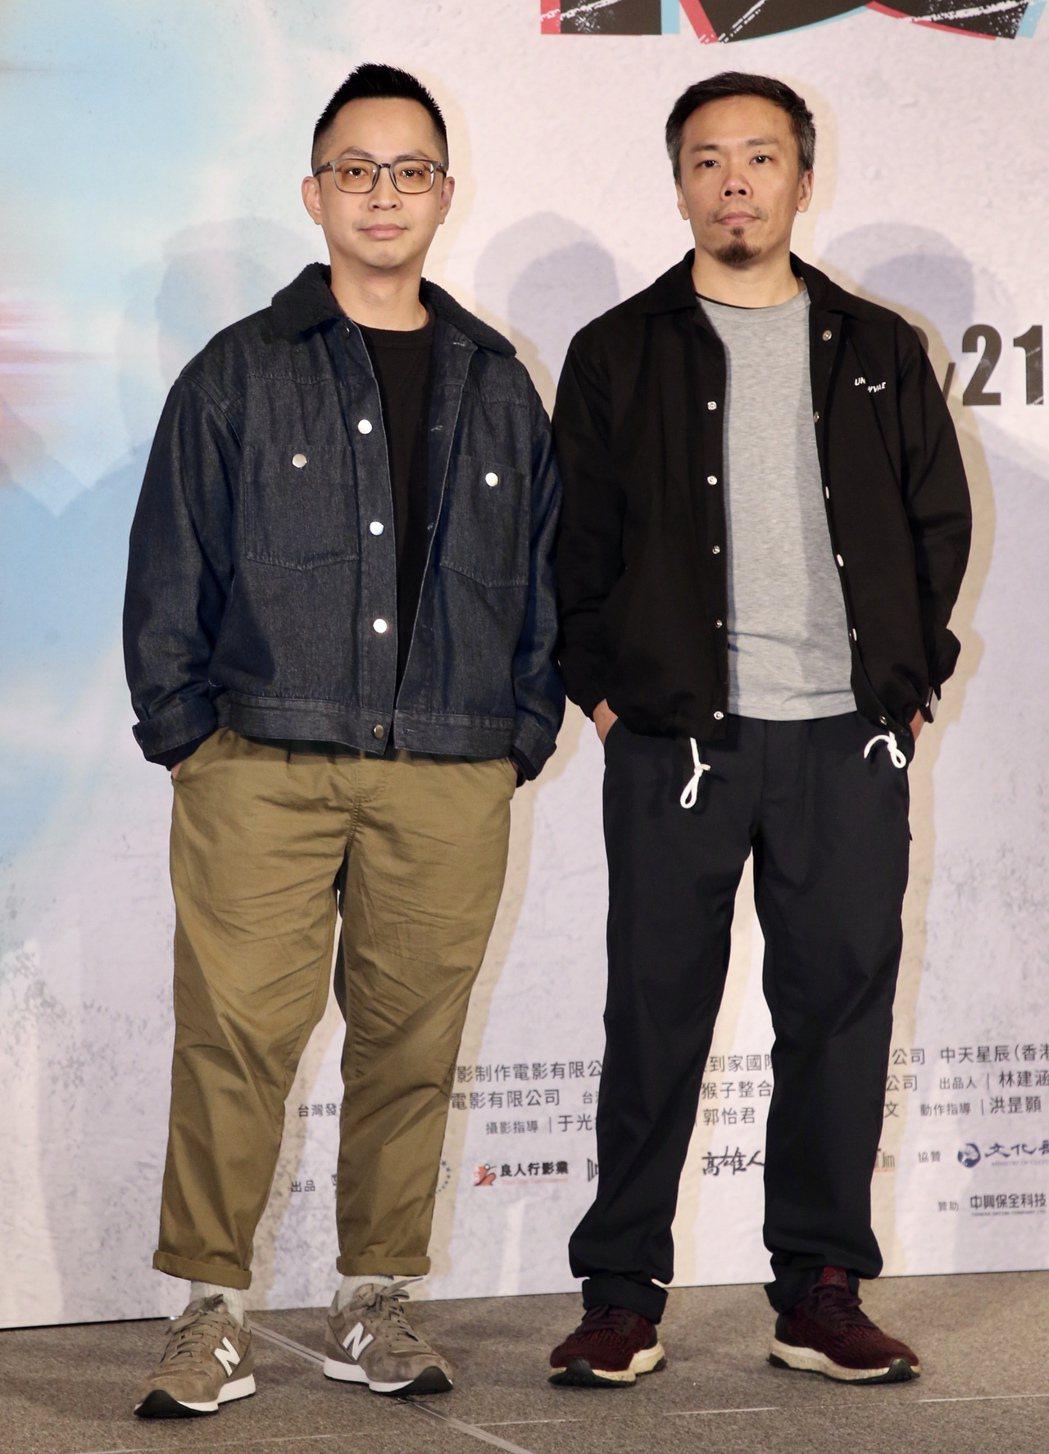 《複身犯》記者會,導演蕭力修(右)、監製林秉聿。記者林俊良/攝影 林俊良